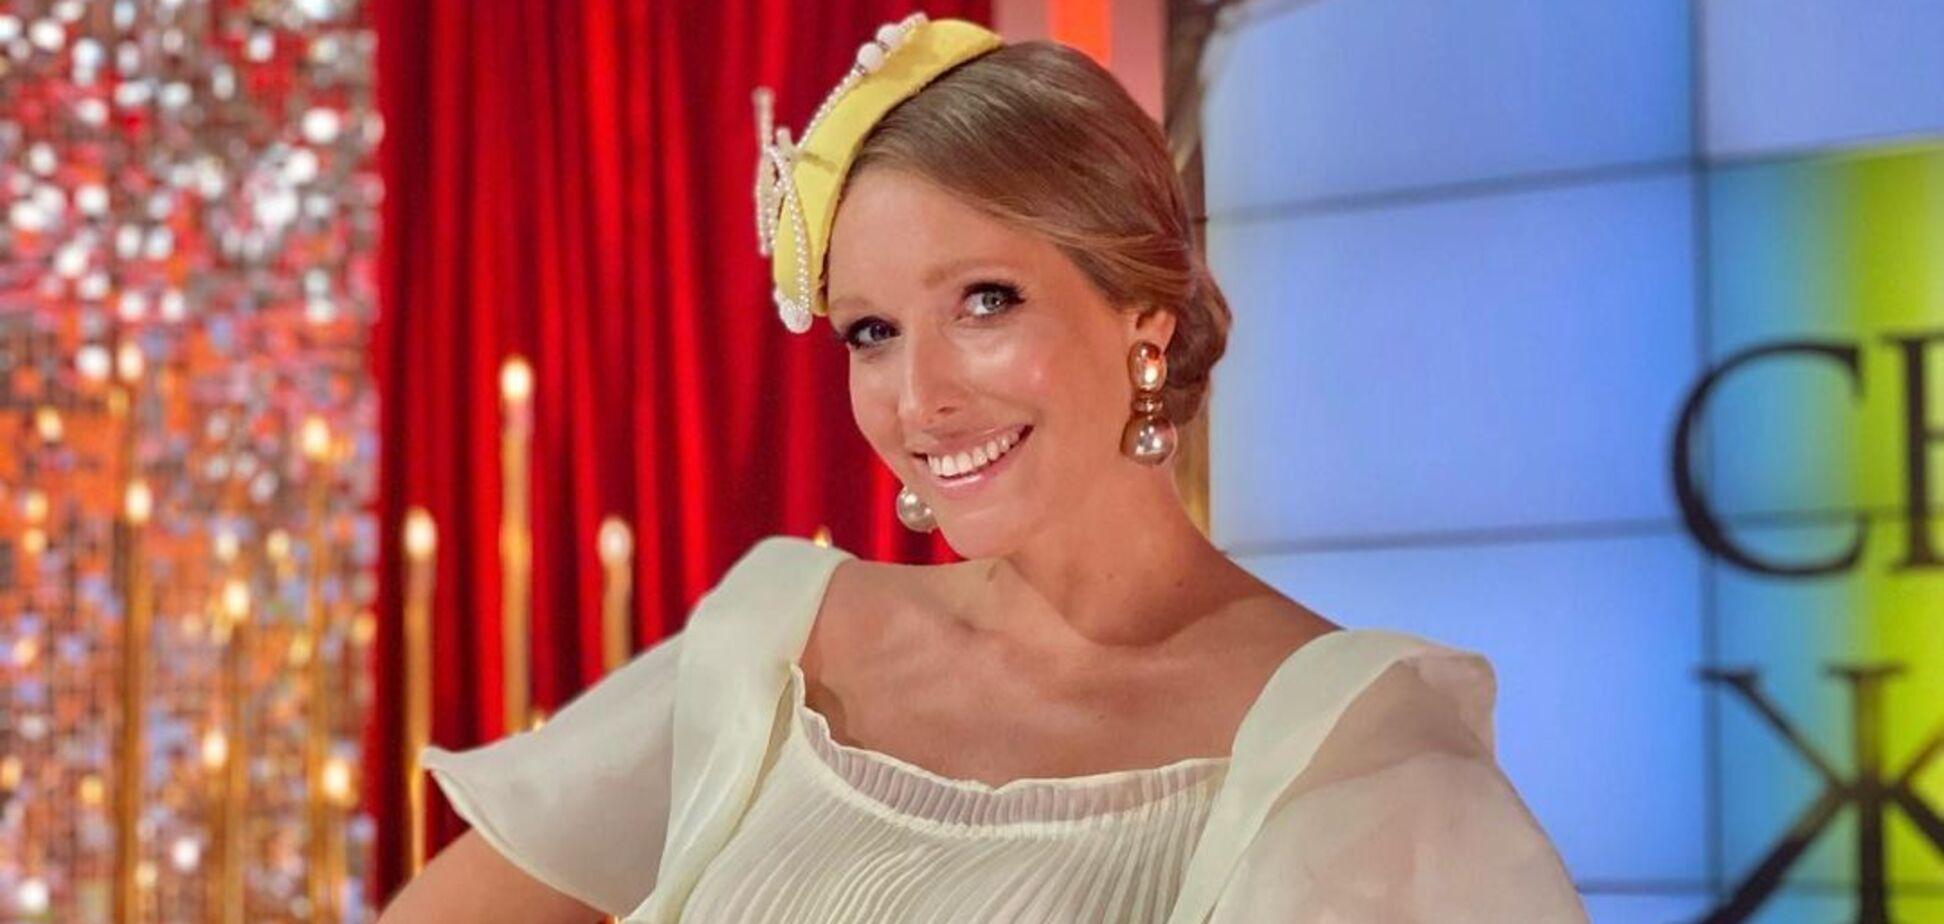 Беременная Осадчая вышла на публику в платье-оверсайз за 18 тысяч гривен. Фото